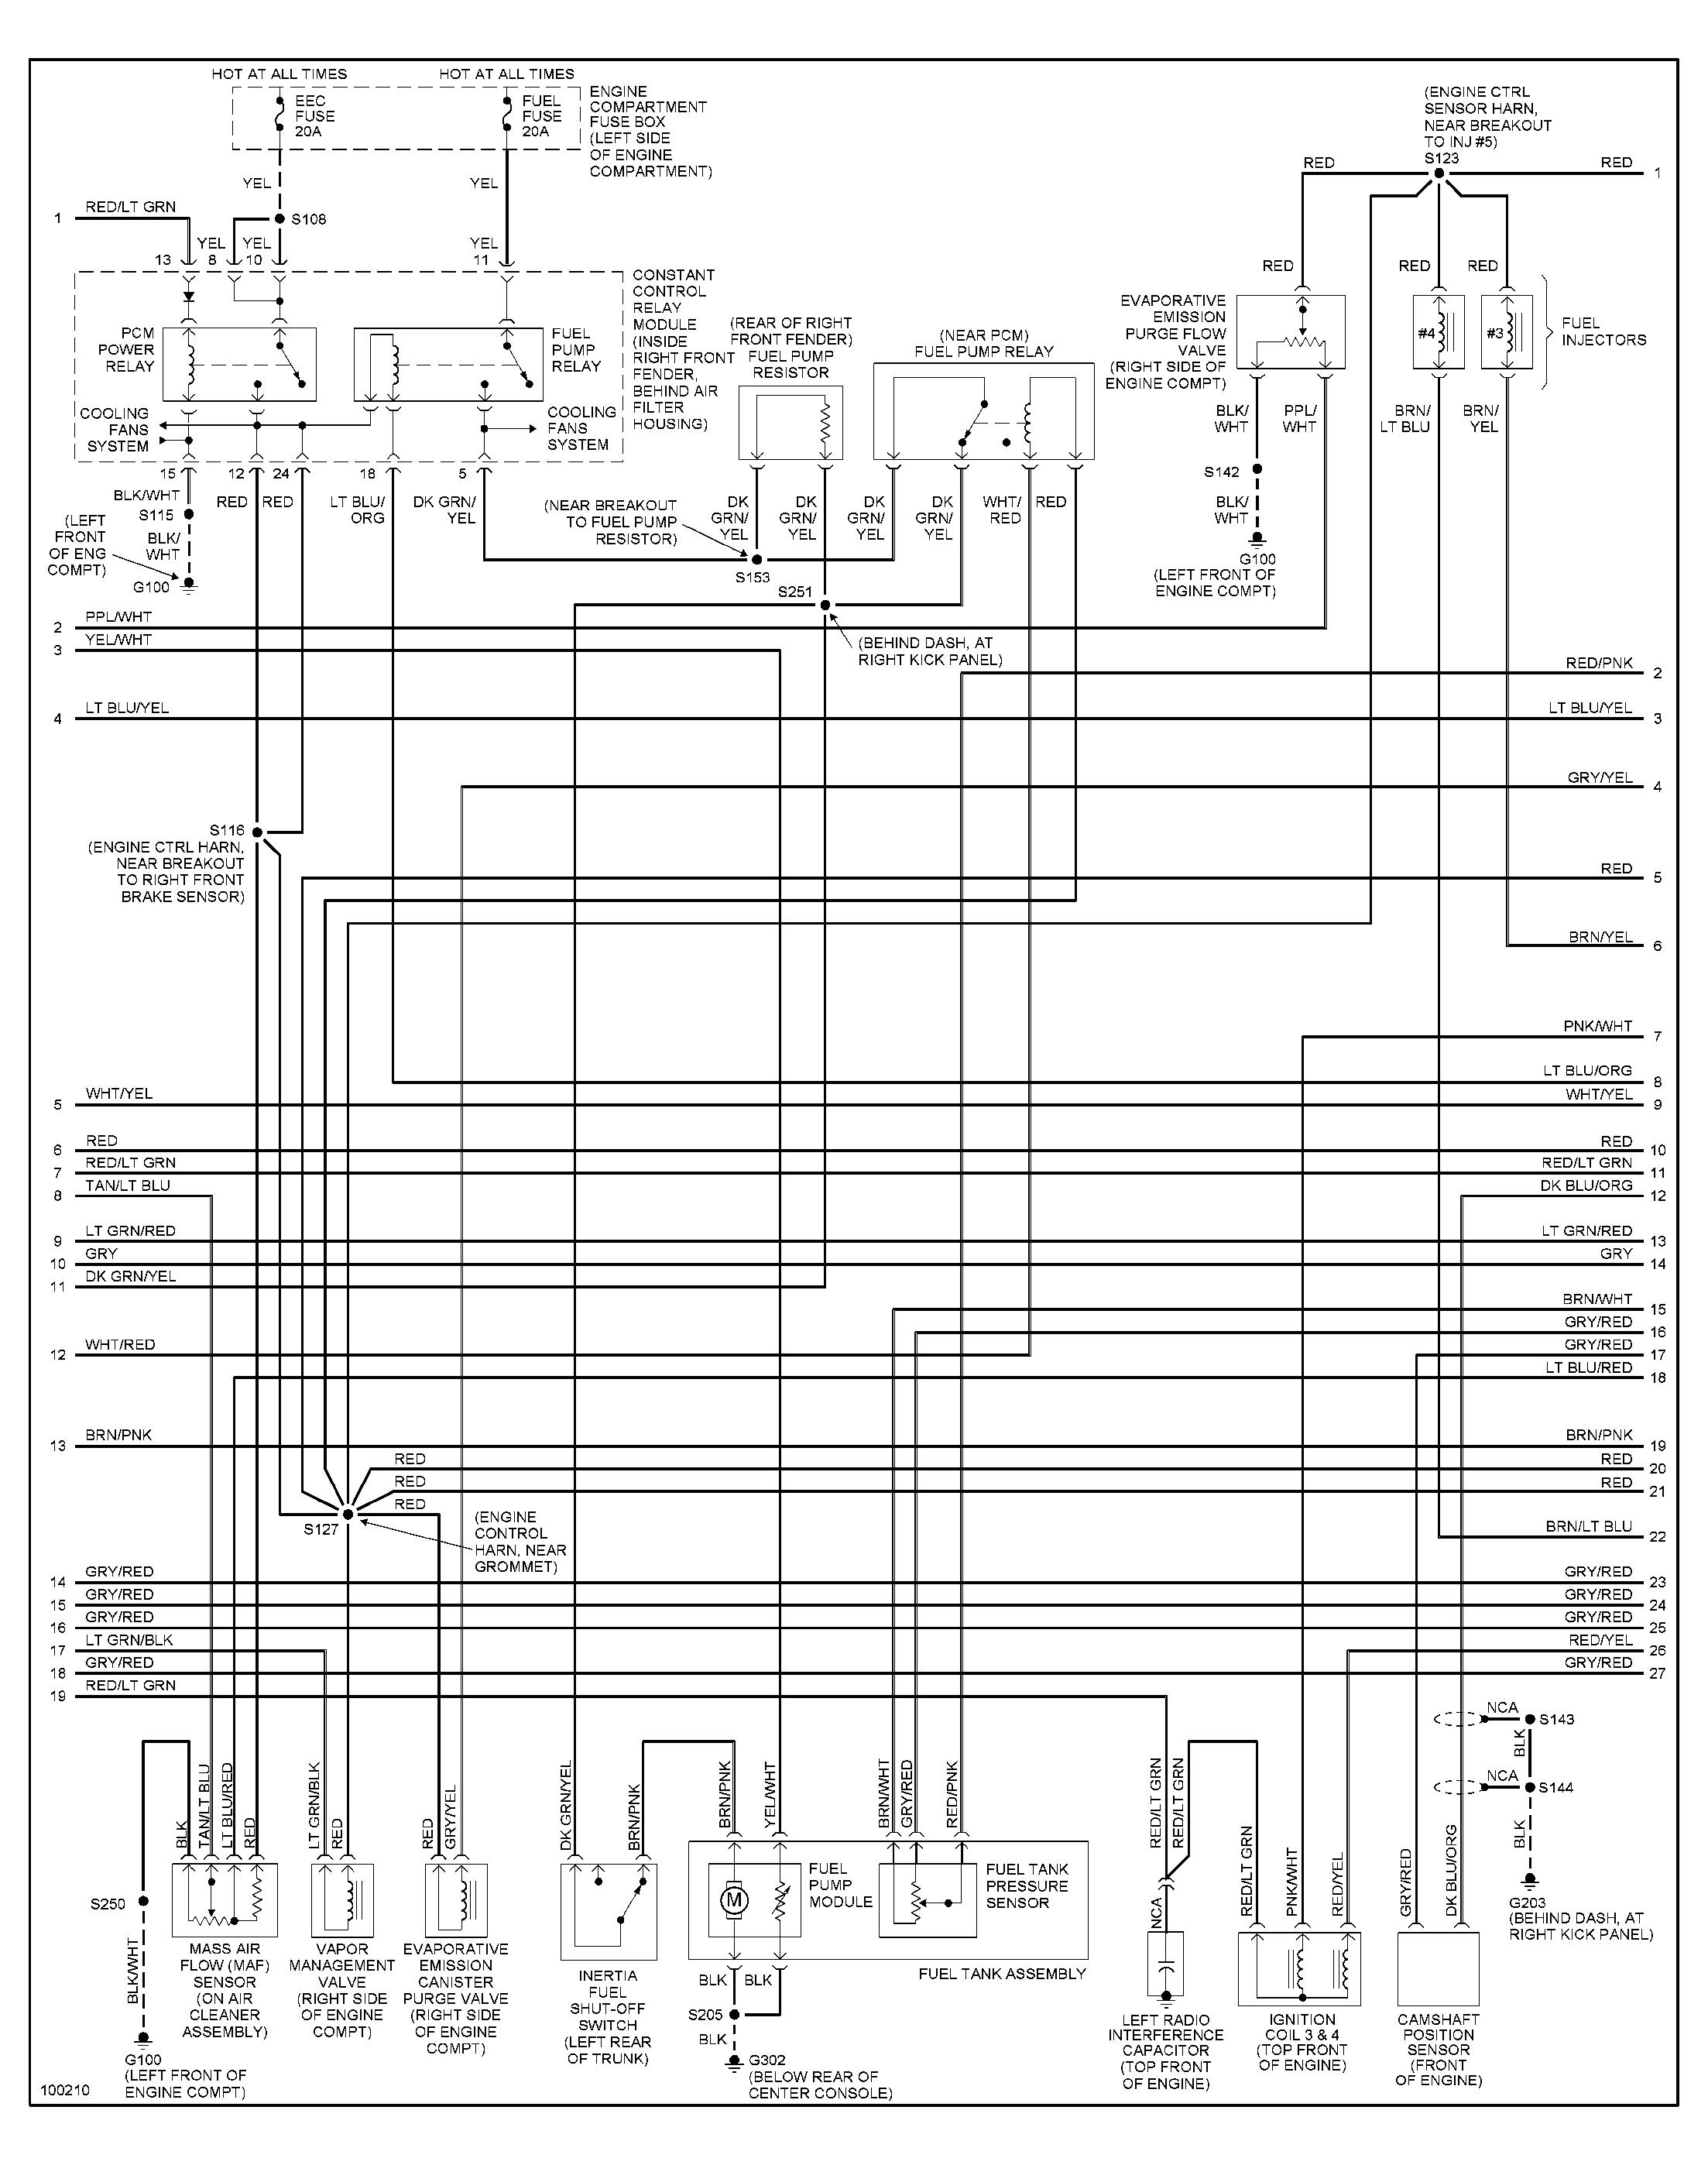 1998 mustang wiring diagram free wiring diagram name wiring diagram for ford mustang free